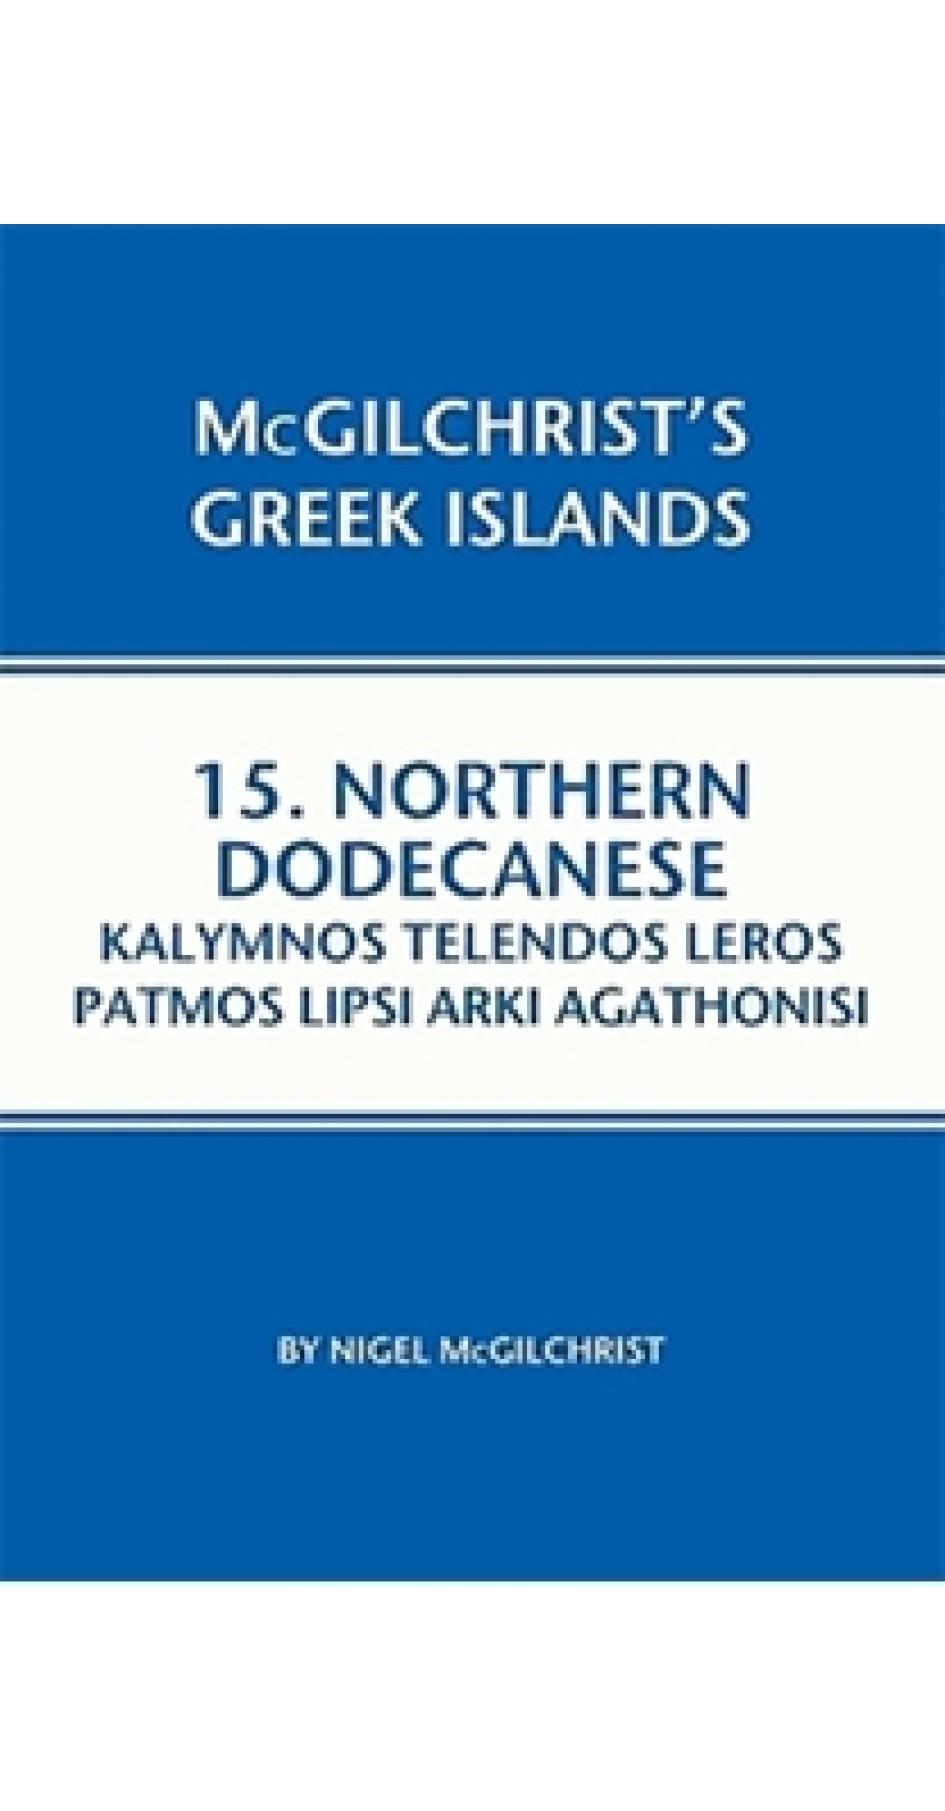 Northern Dodecanese: Kalymnos, Telendos, Leros, Patmos, Lipsi, Arki and Agathonisi